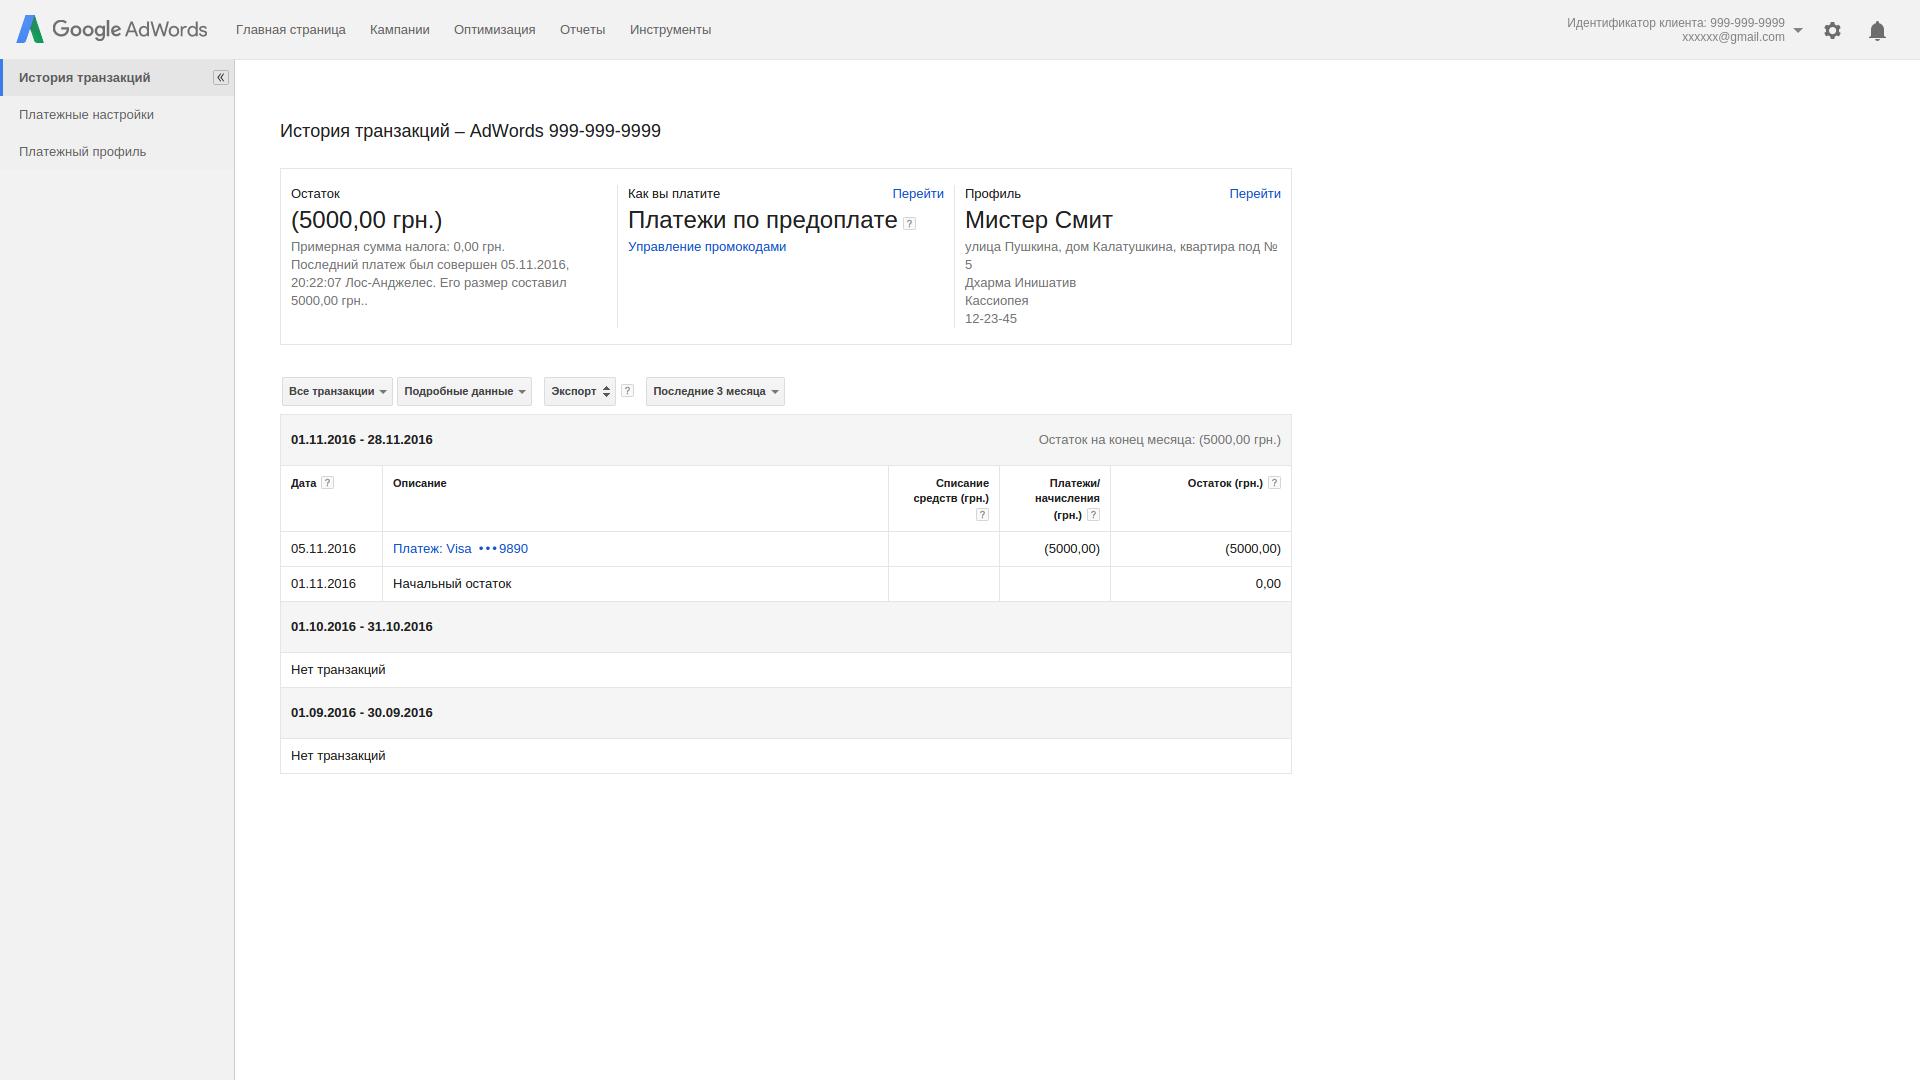 Гугл реклама адвордс промокод